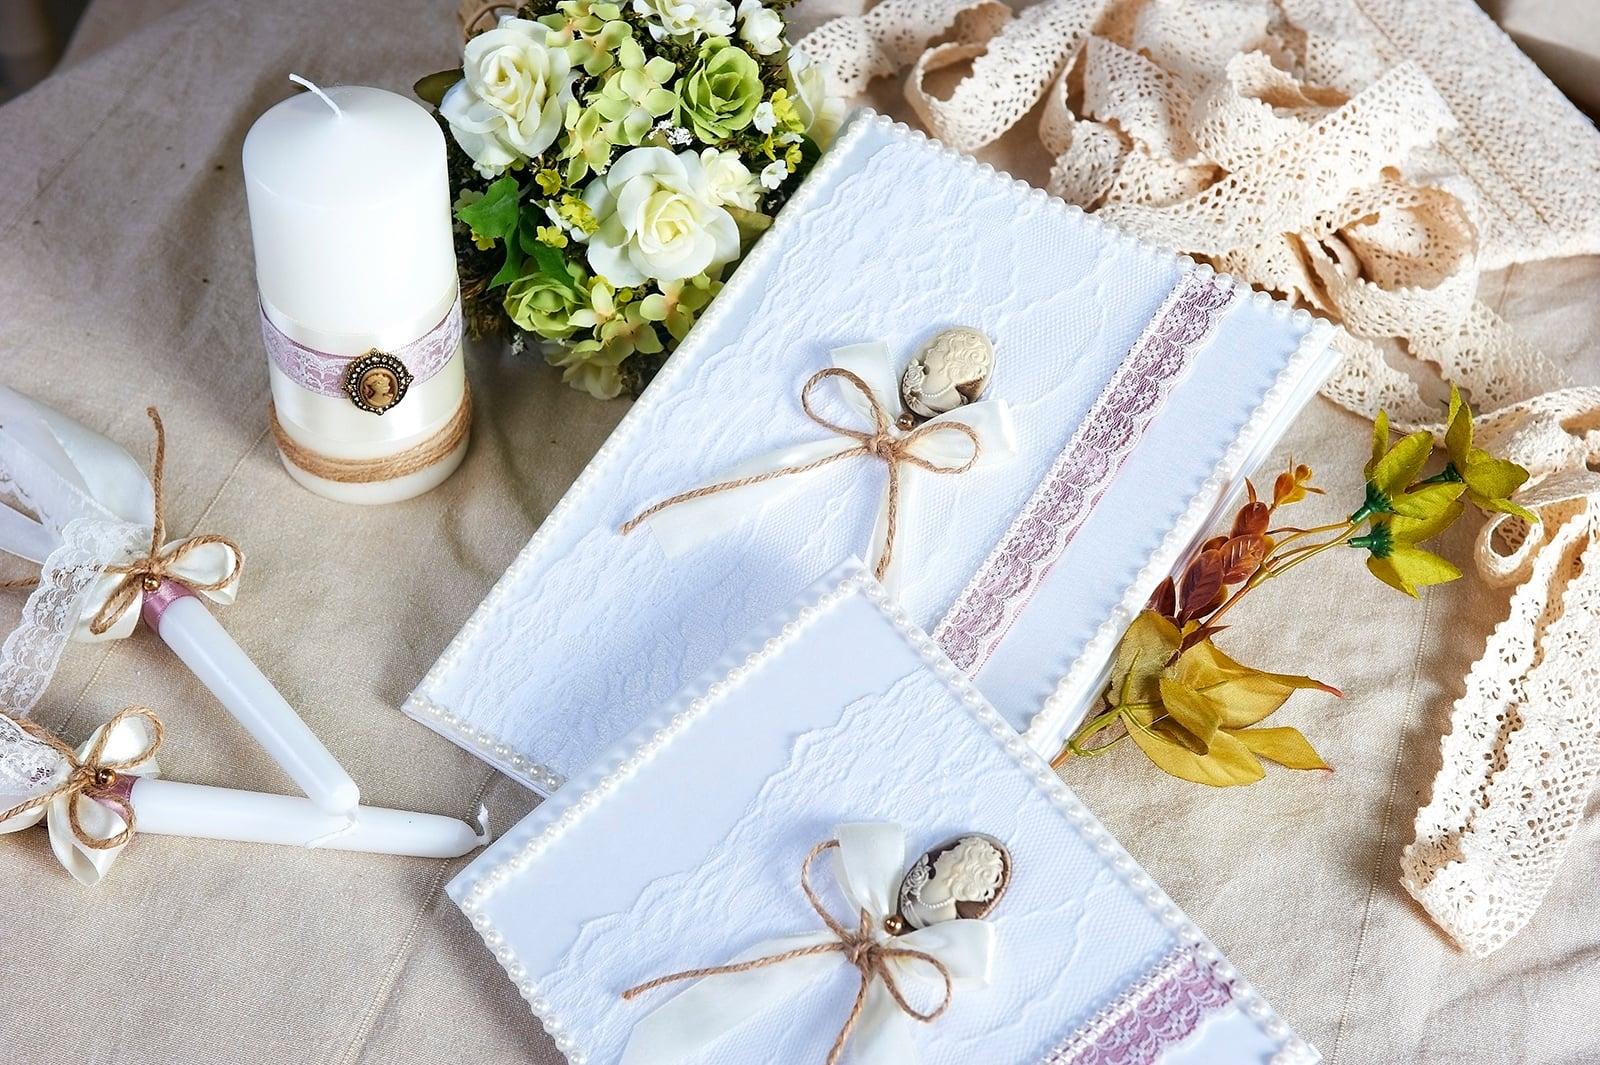 Кружевная папка для свидетельства о браке, украшенная камеей.